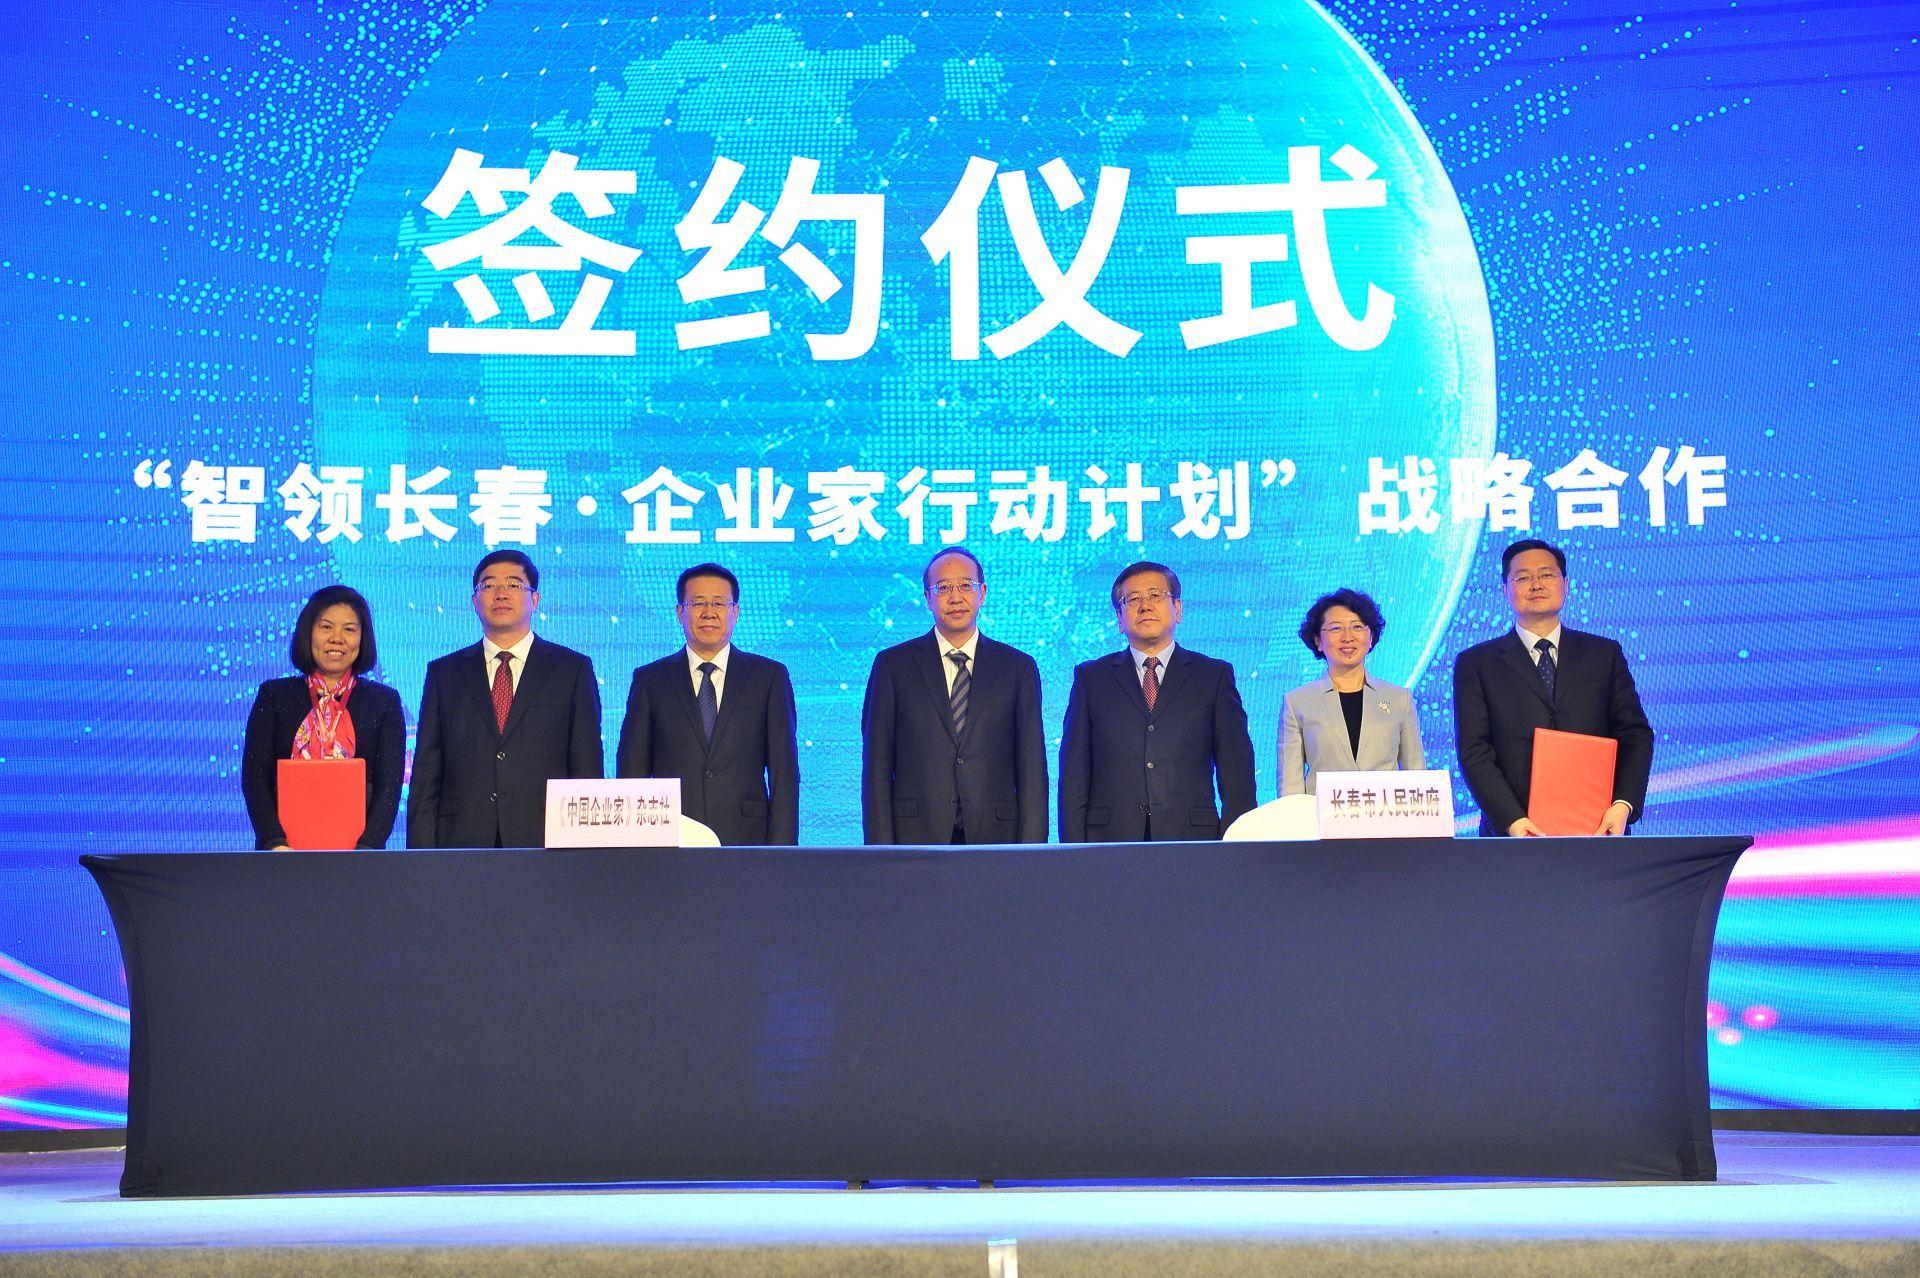 2019中国长春创业就业博览会现场